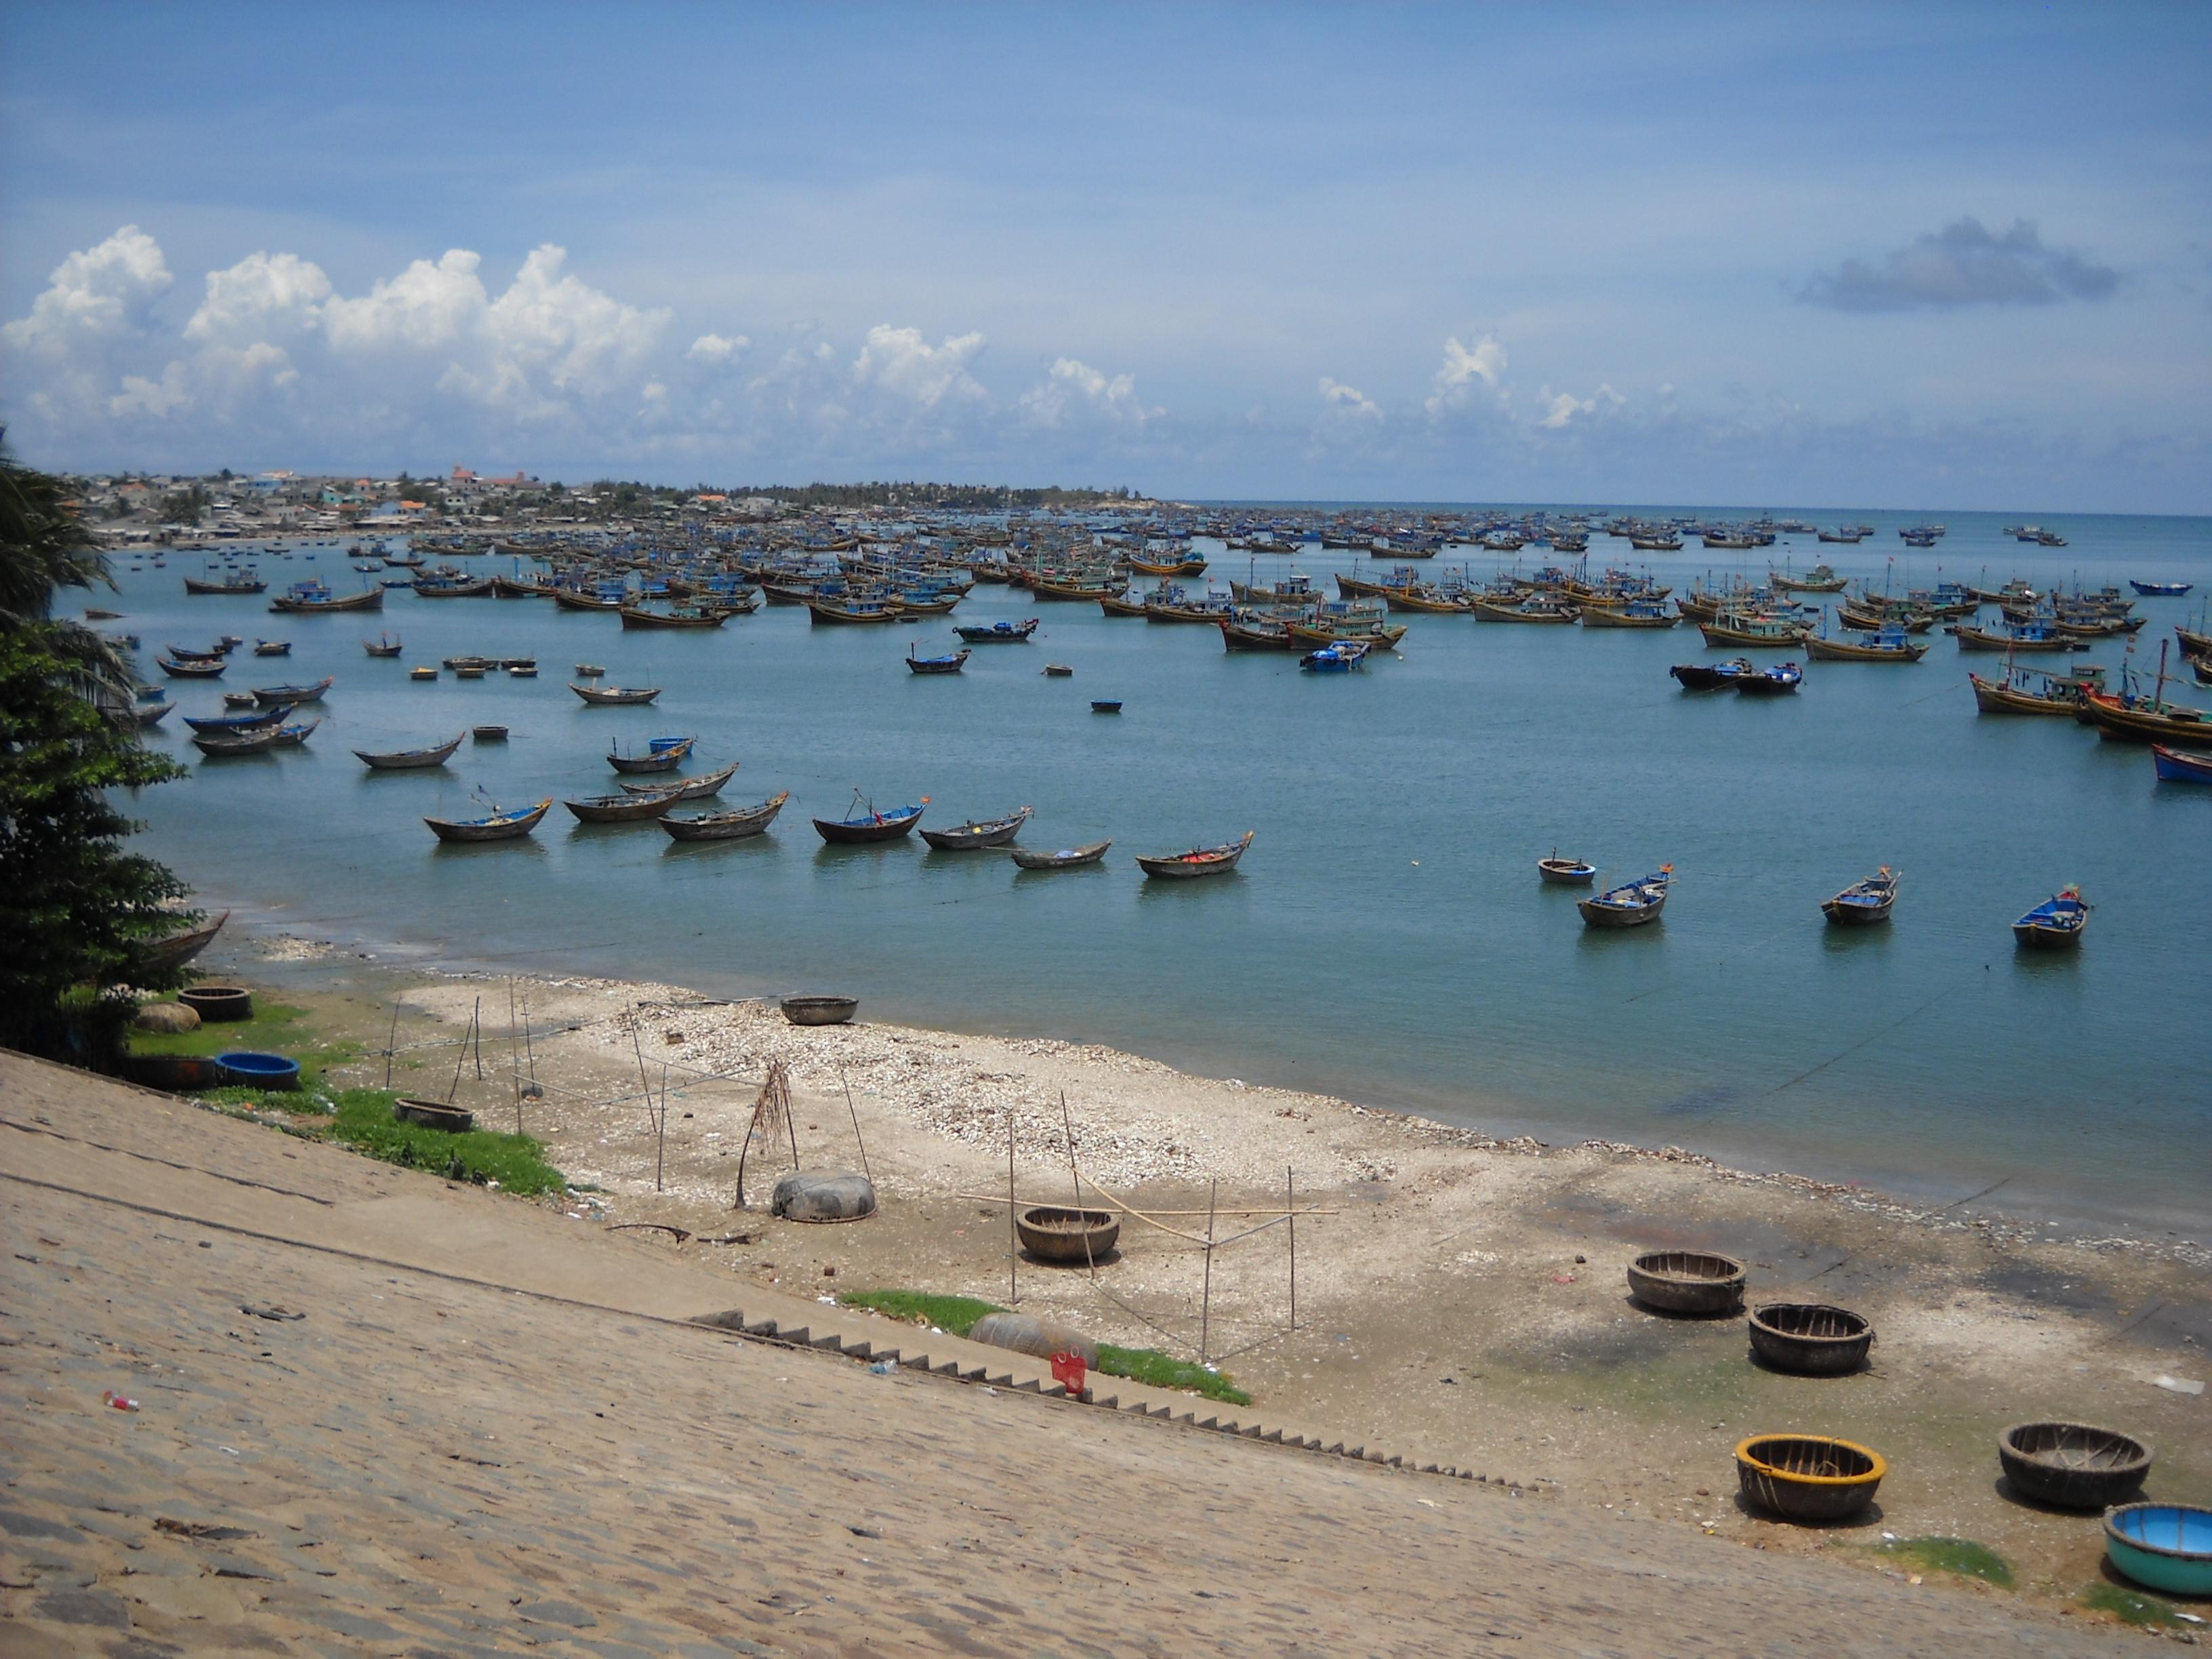 Bán nhớt BP Vistra chính hãng tại Bình Thuận